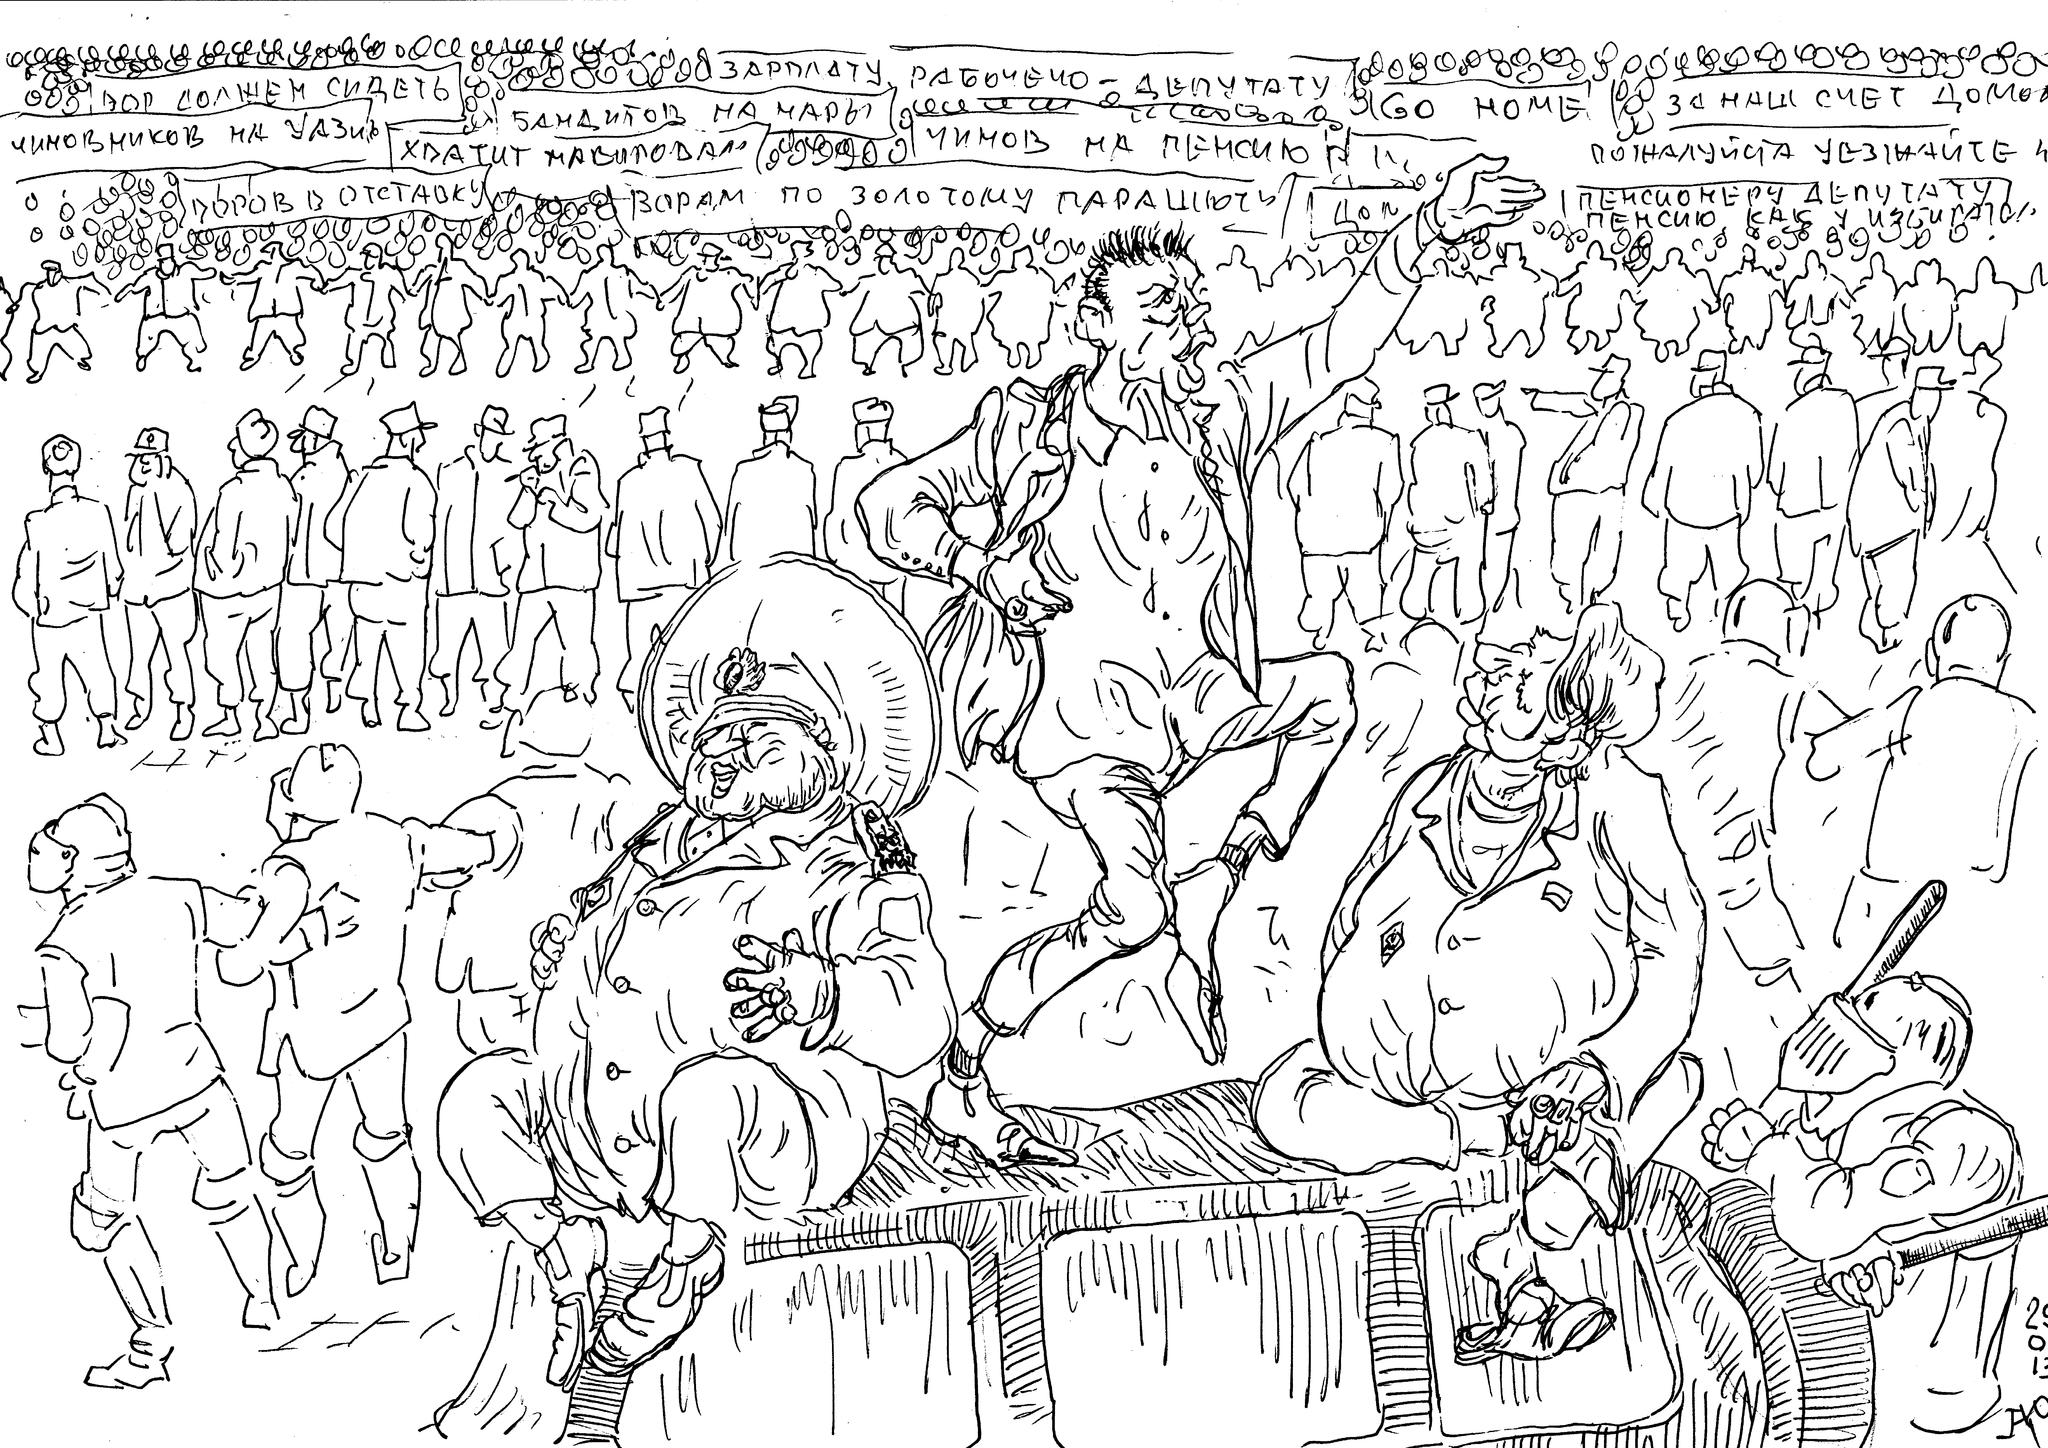 Ленин выступал с броневика иностранного производства, нынешние вожди усвоили, что нужно выступать с иностранного внедорожника